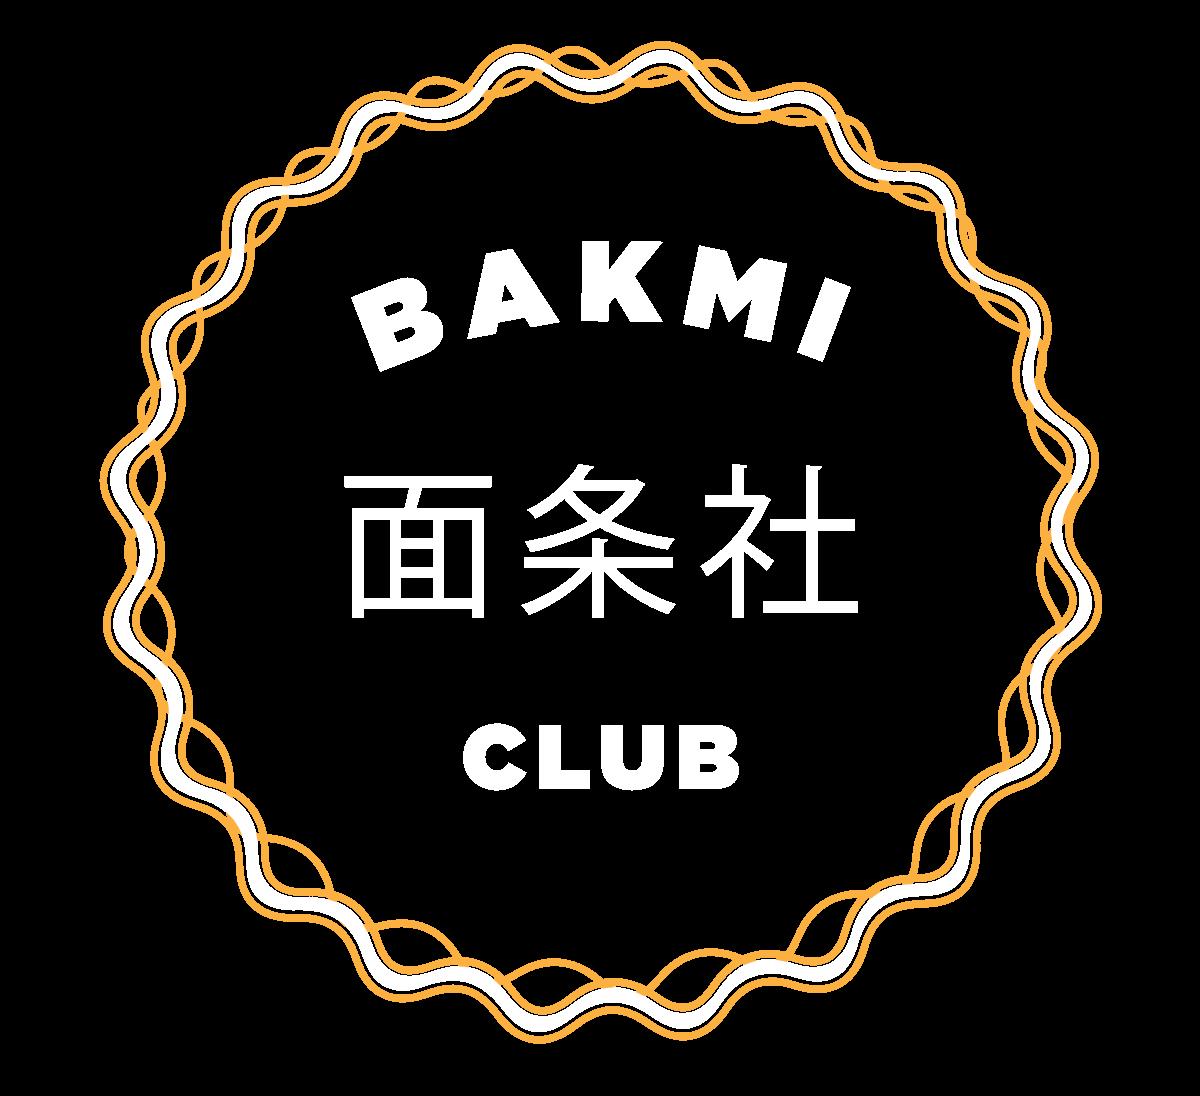 Bakmi Club